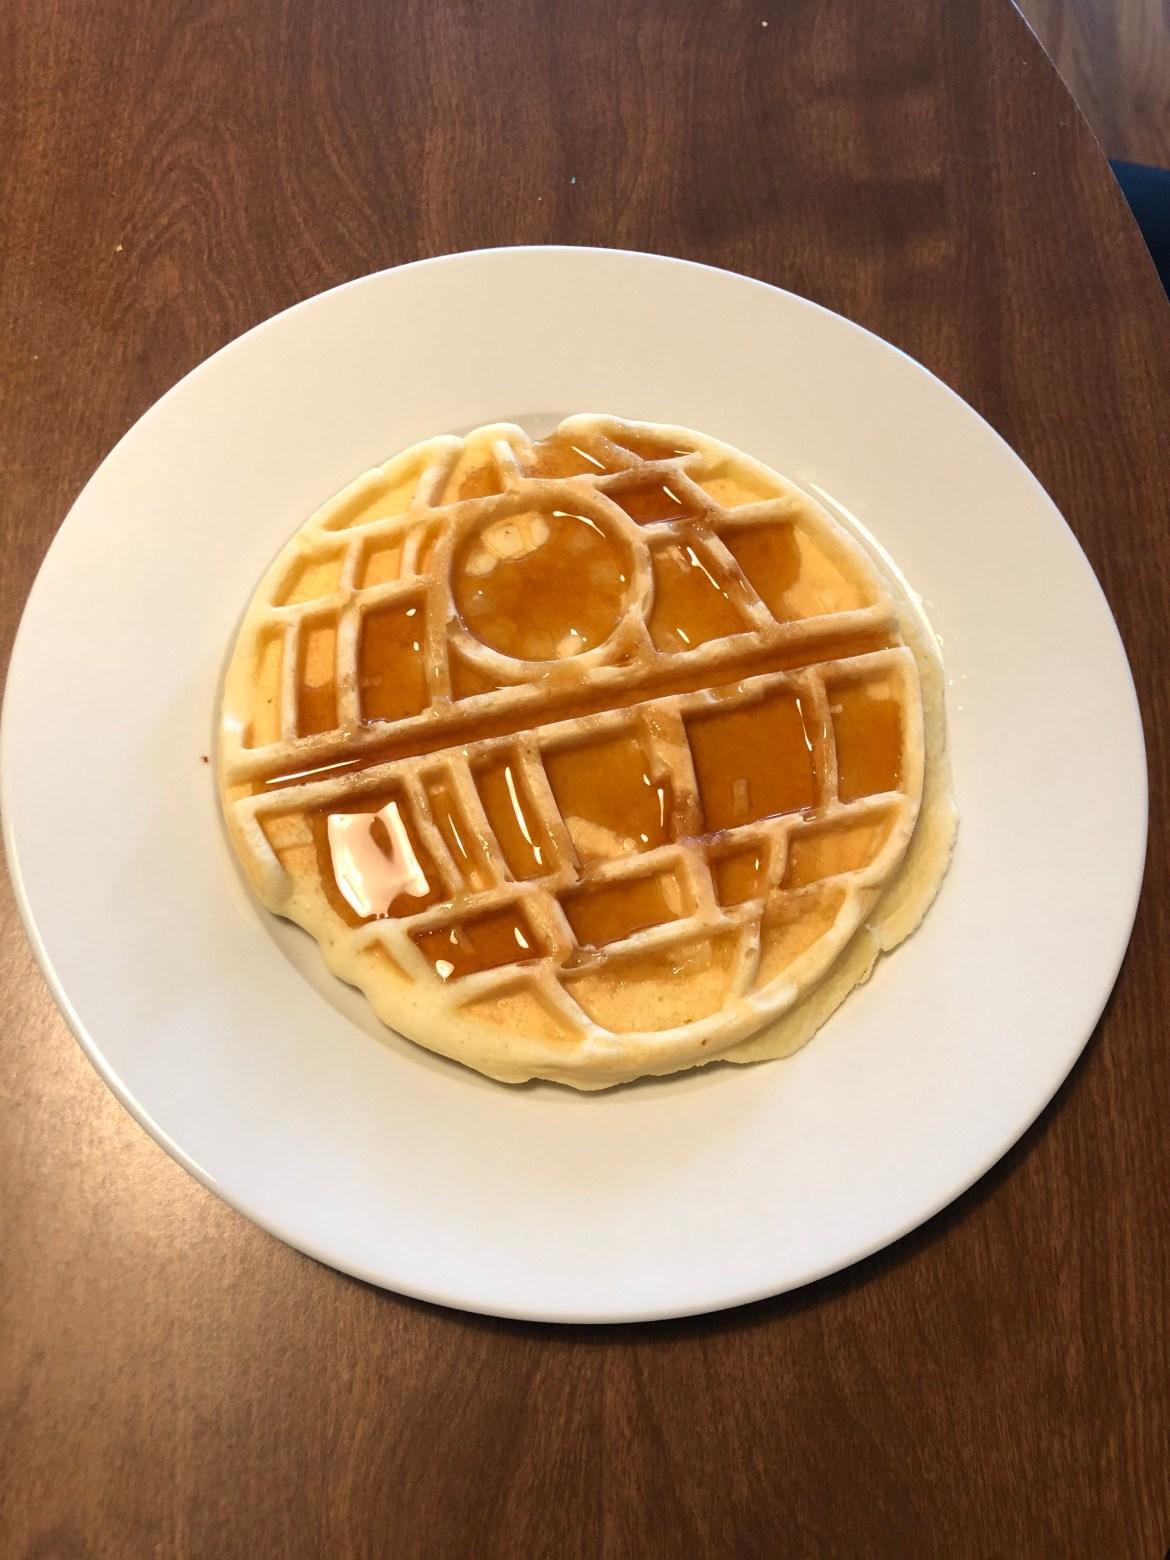 Death Star Waffles